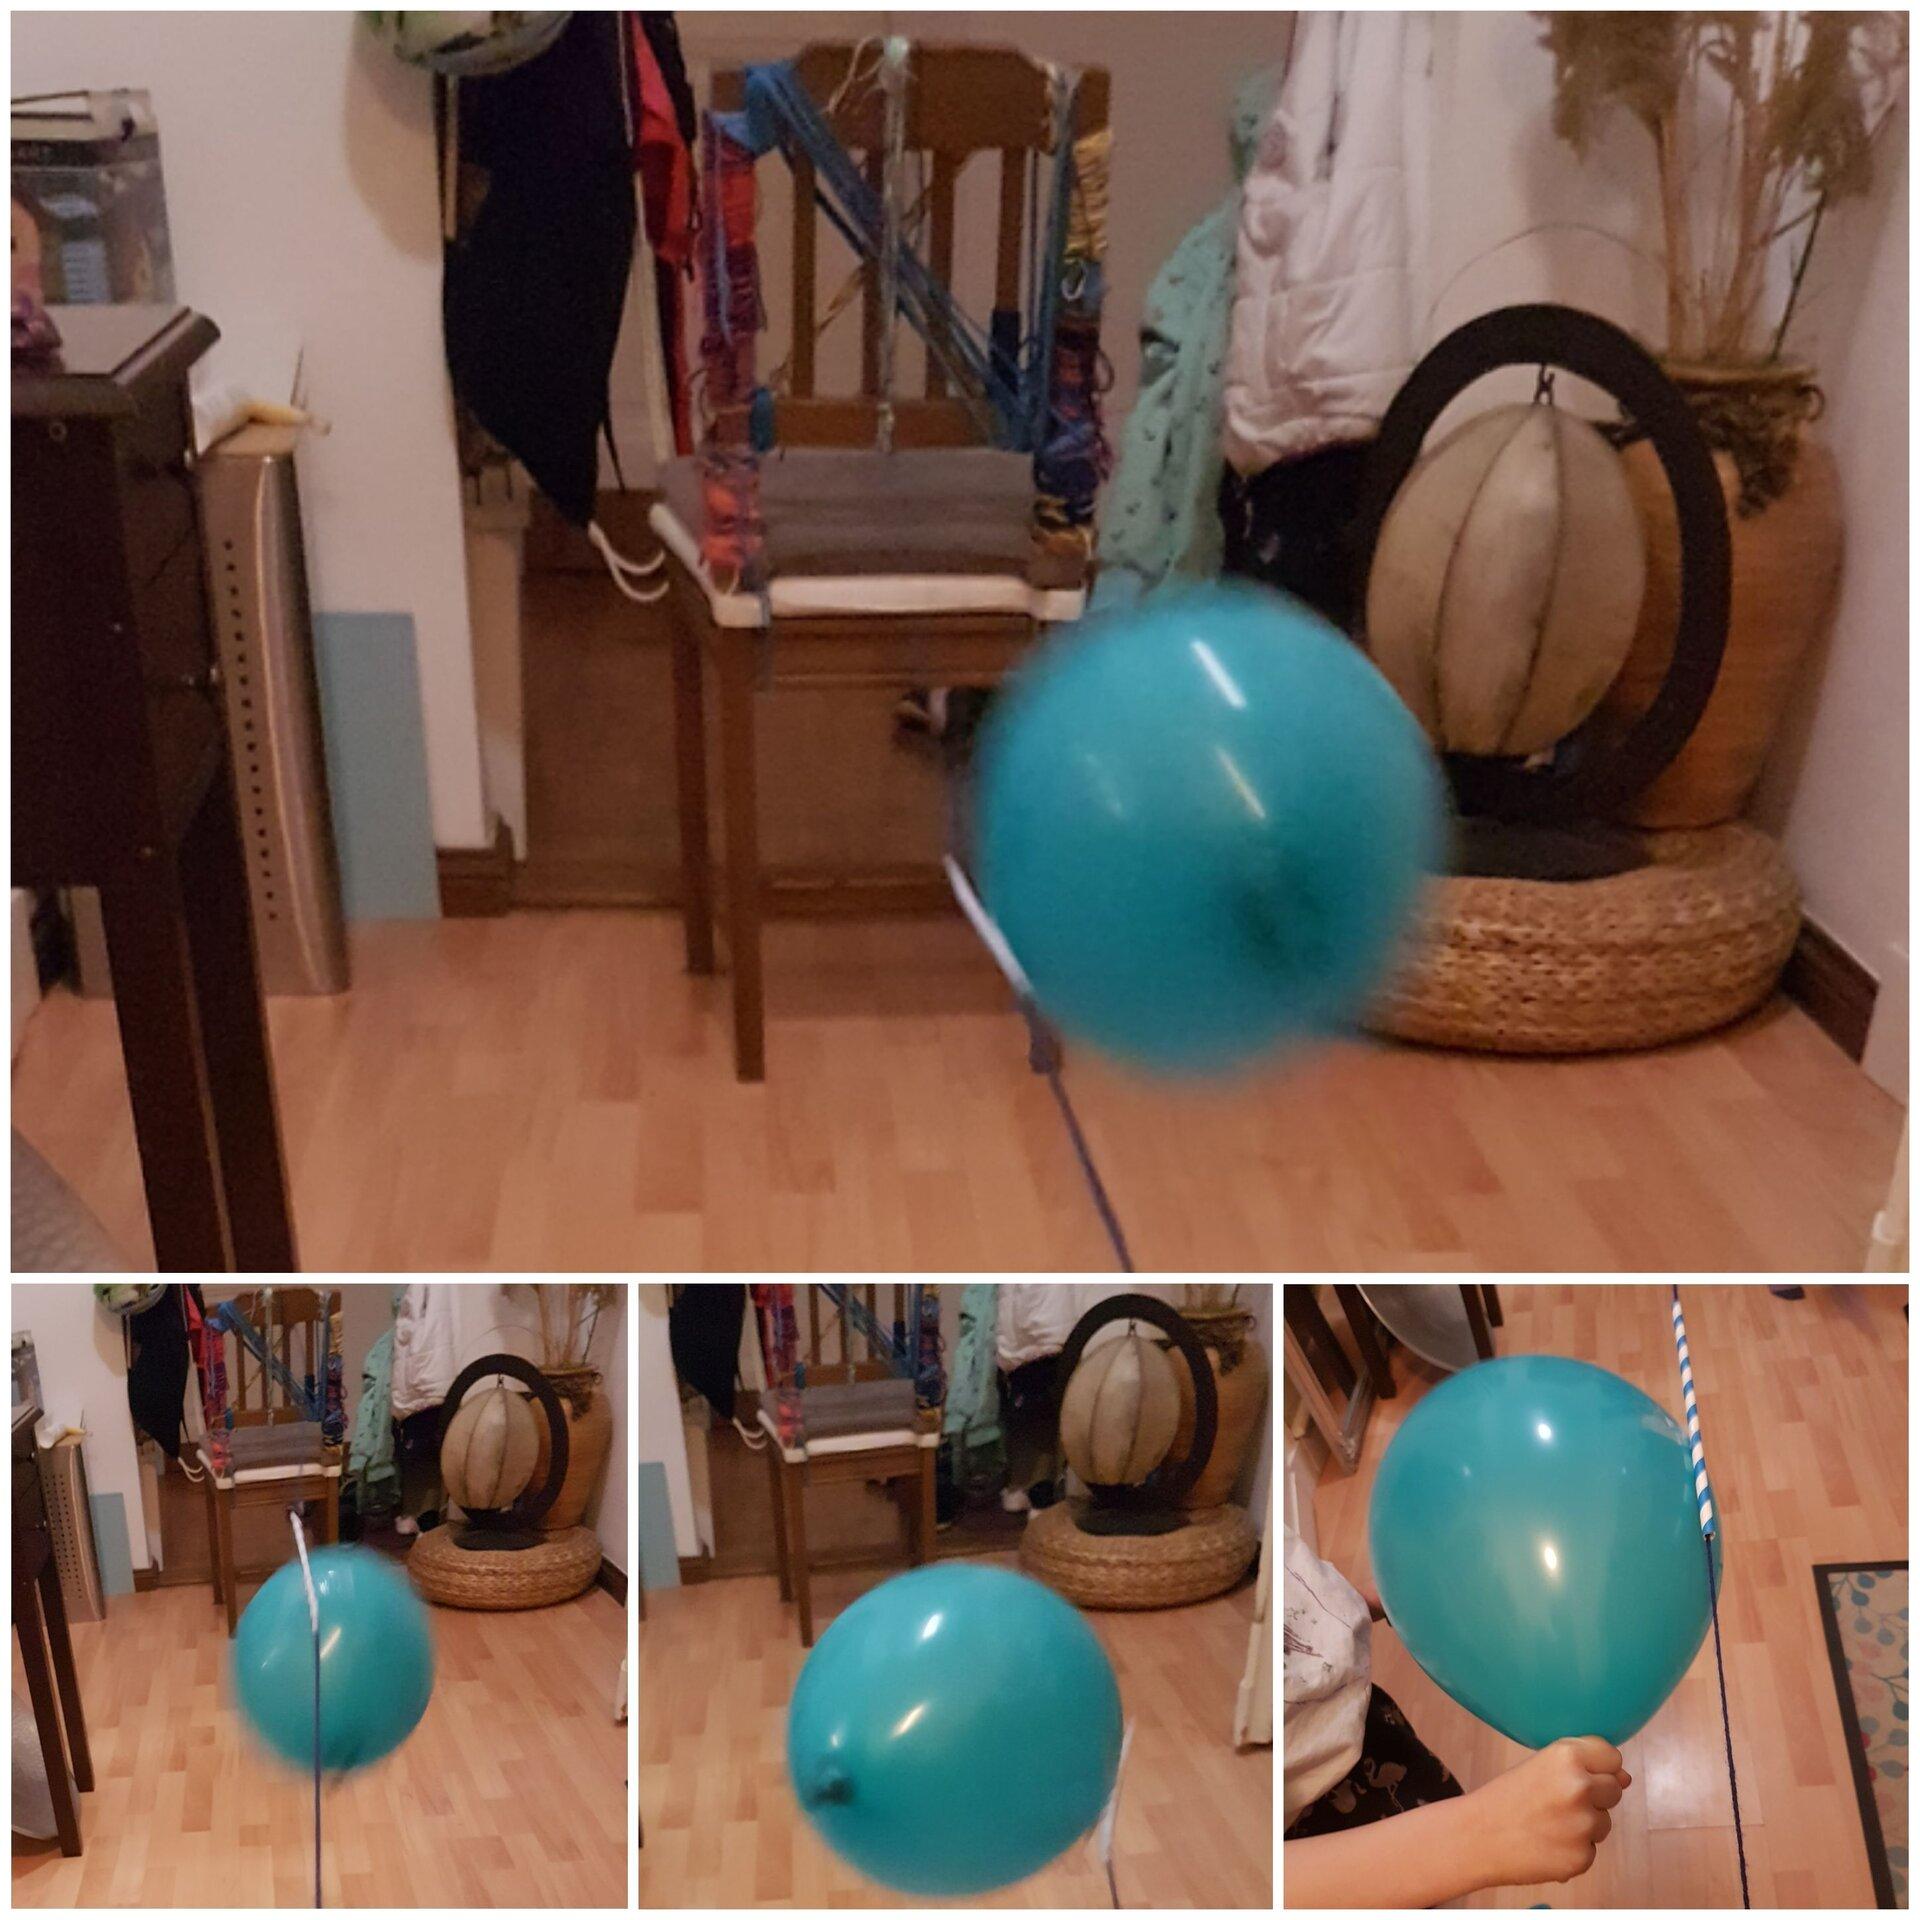 Luftballonrakete_2_1_